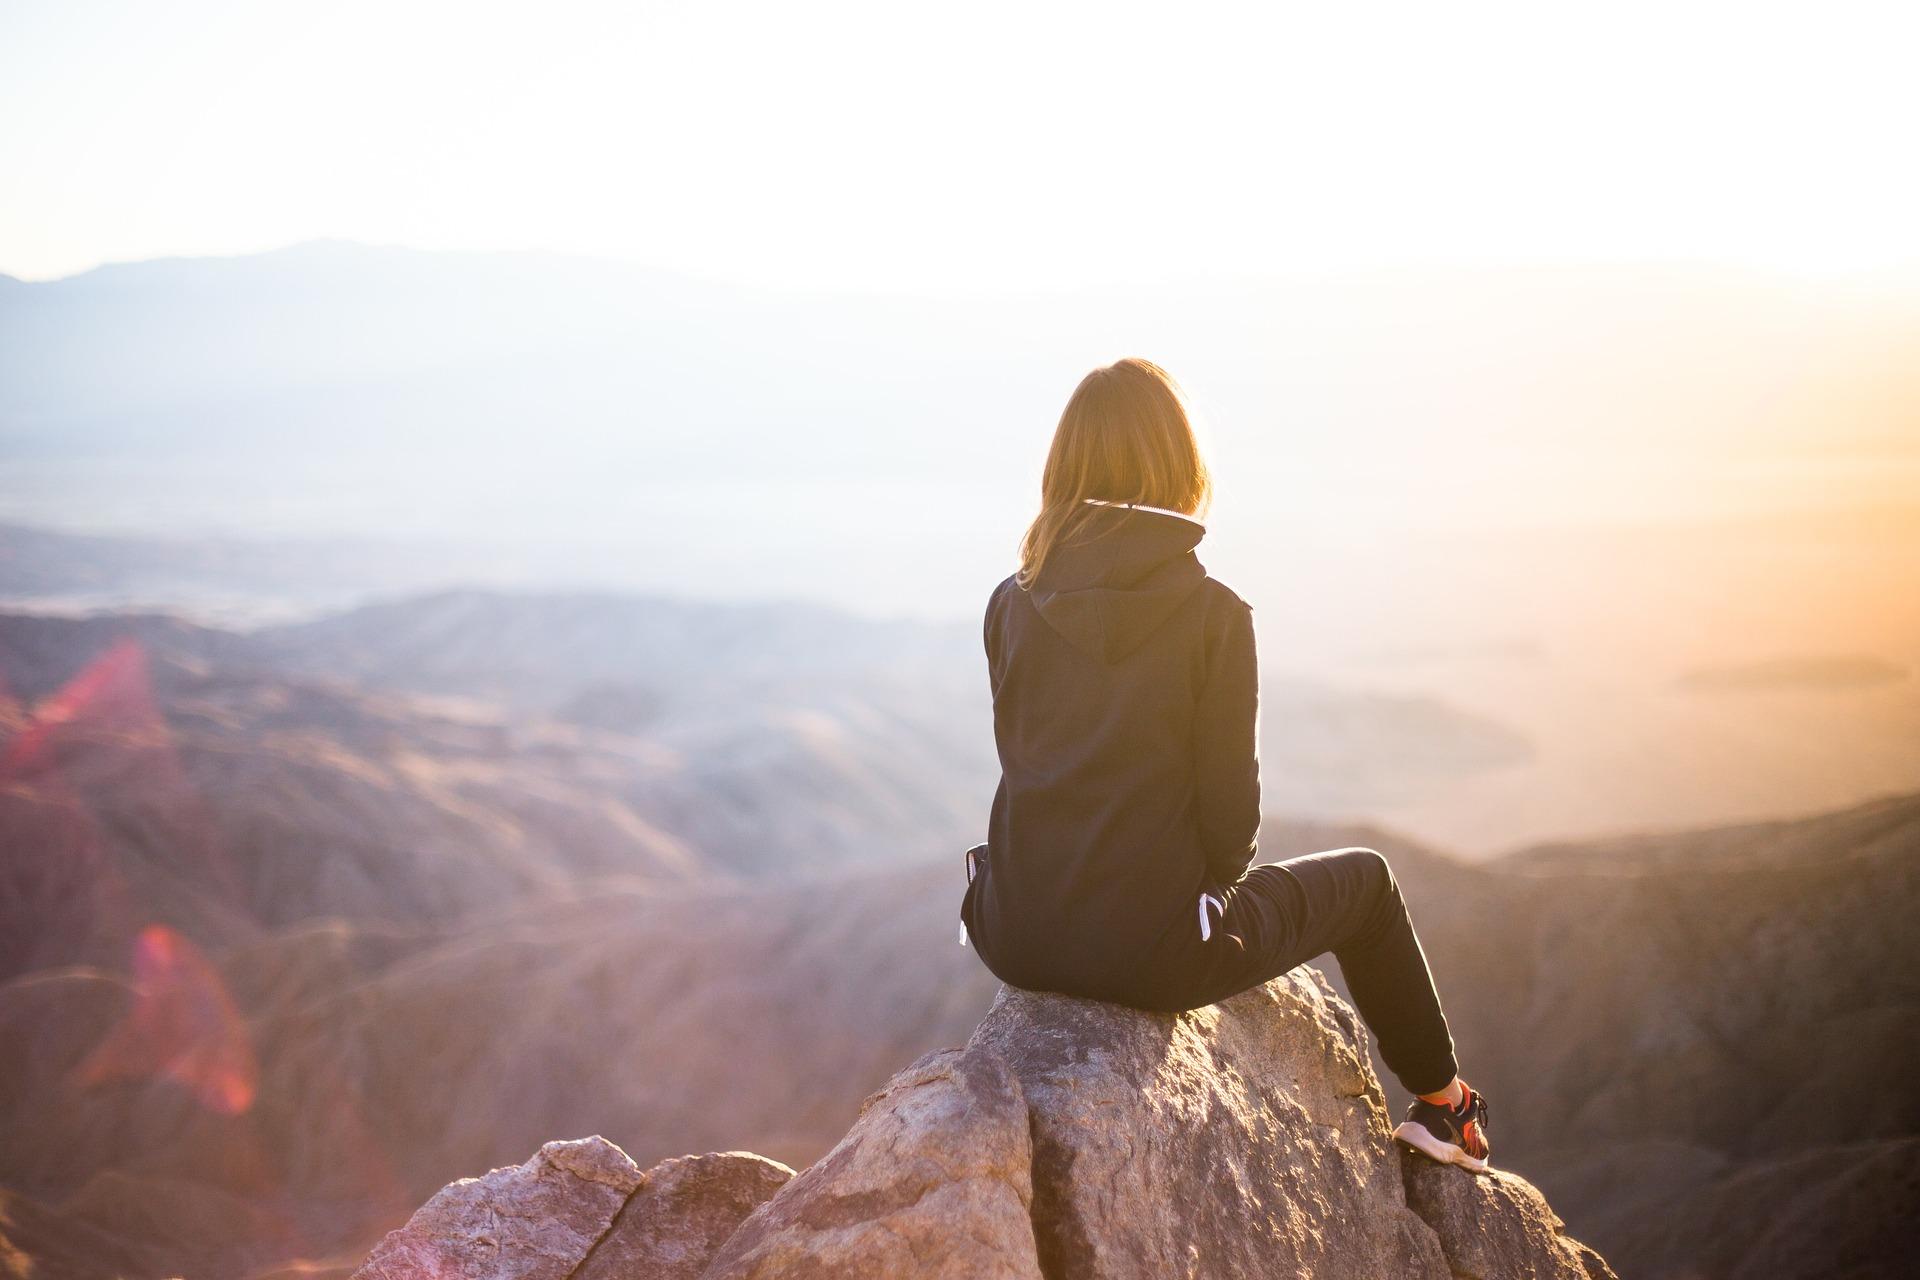 une femme seule sur une montagne